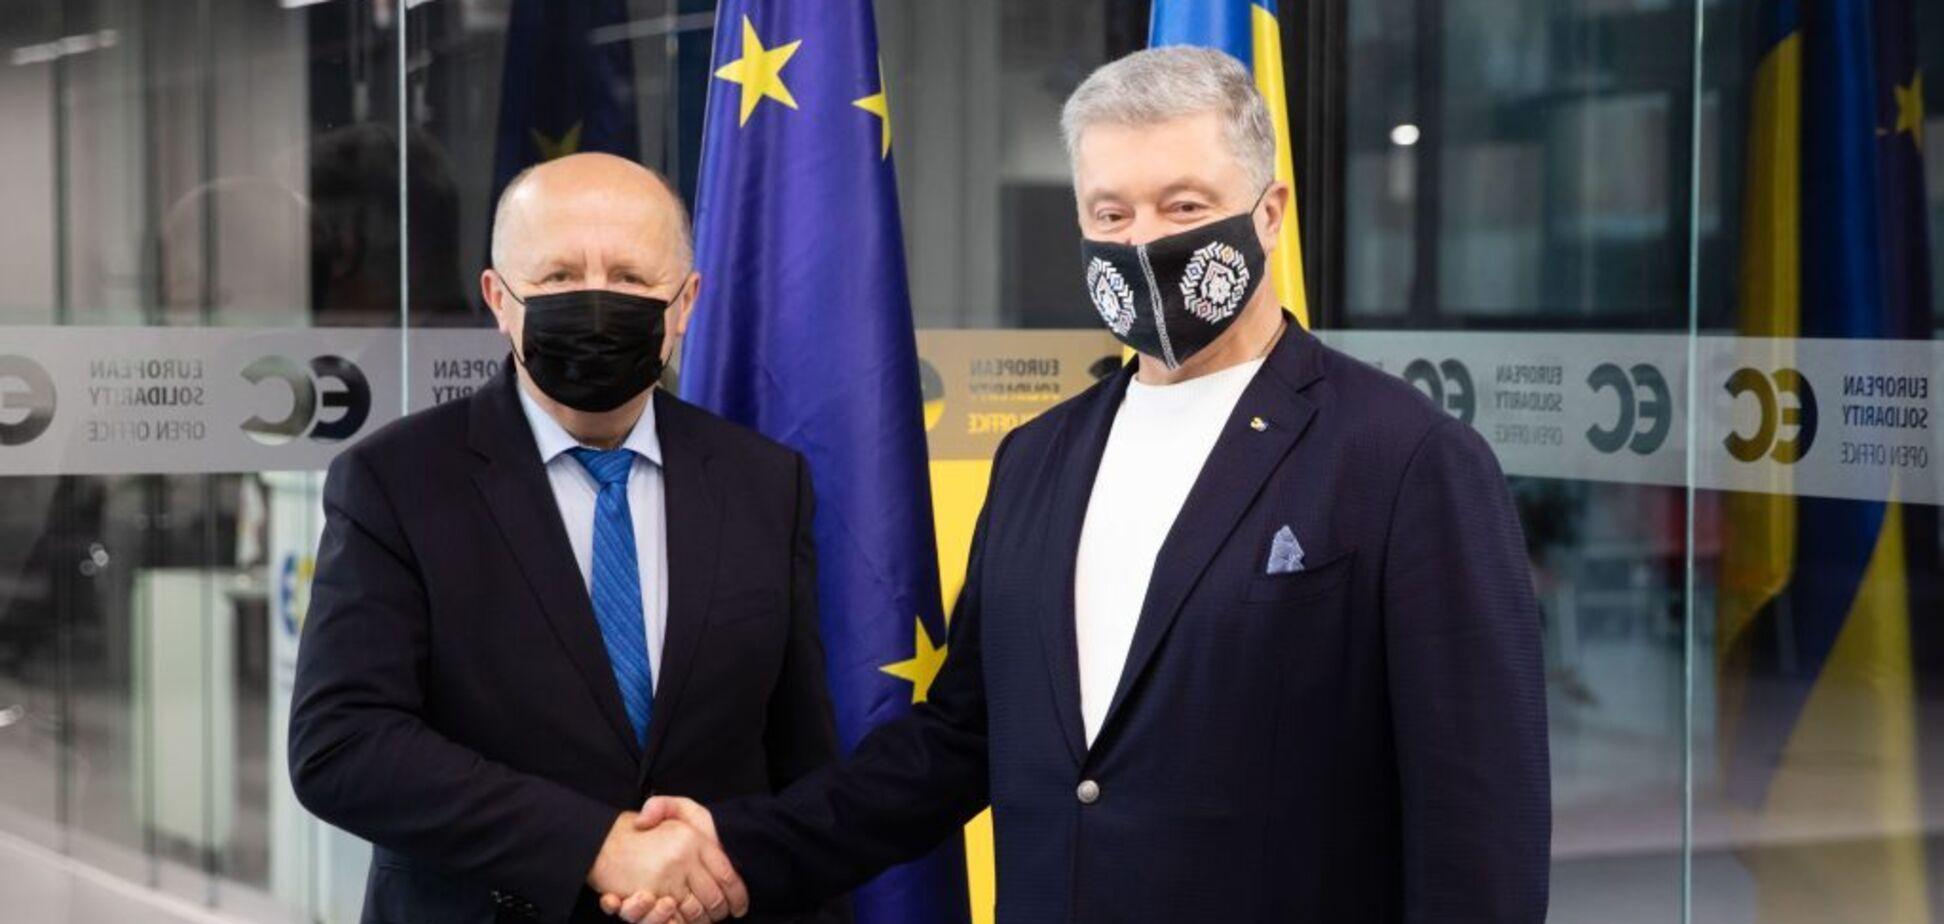 'Зима російського реваншу': Порошенко обговорив з Головою Делегації Європарламенту Кубіліусом ризики енергетичного шантажу Кремля